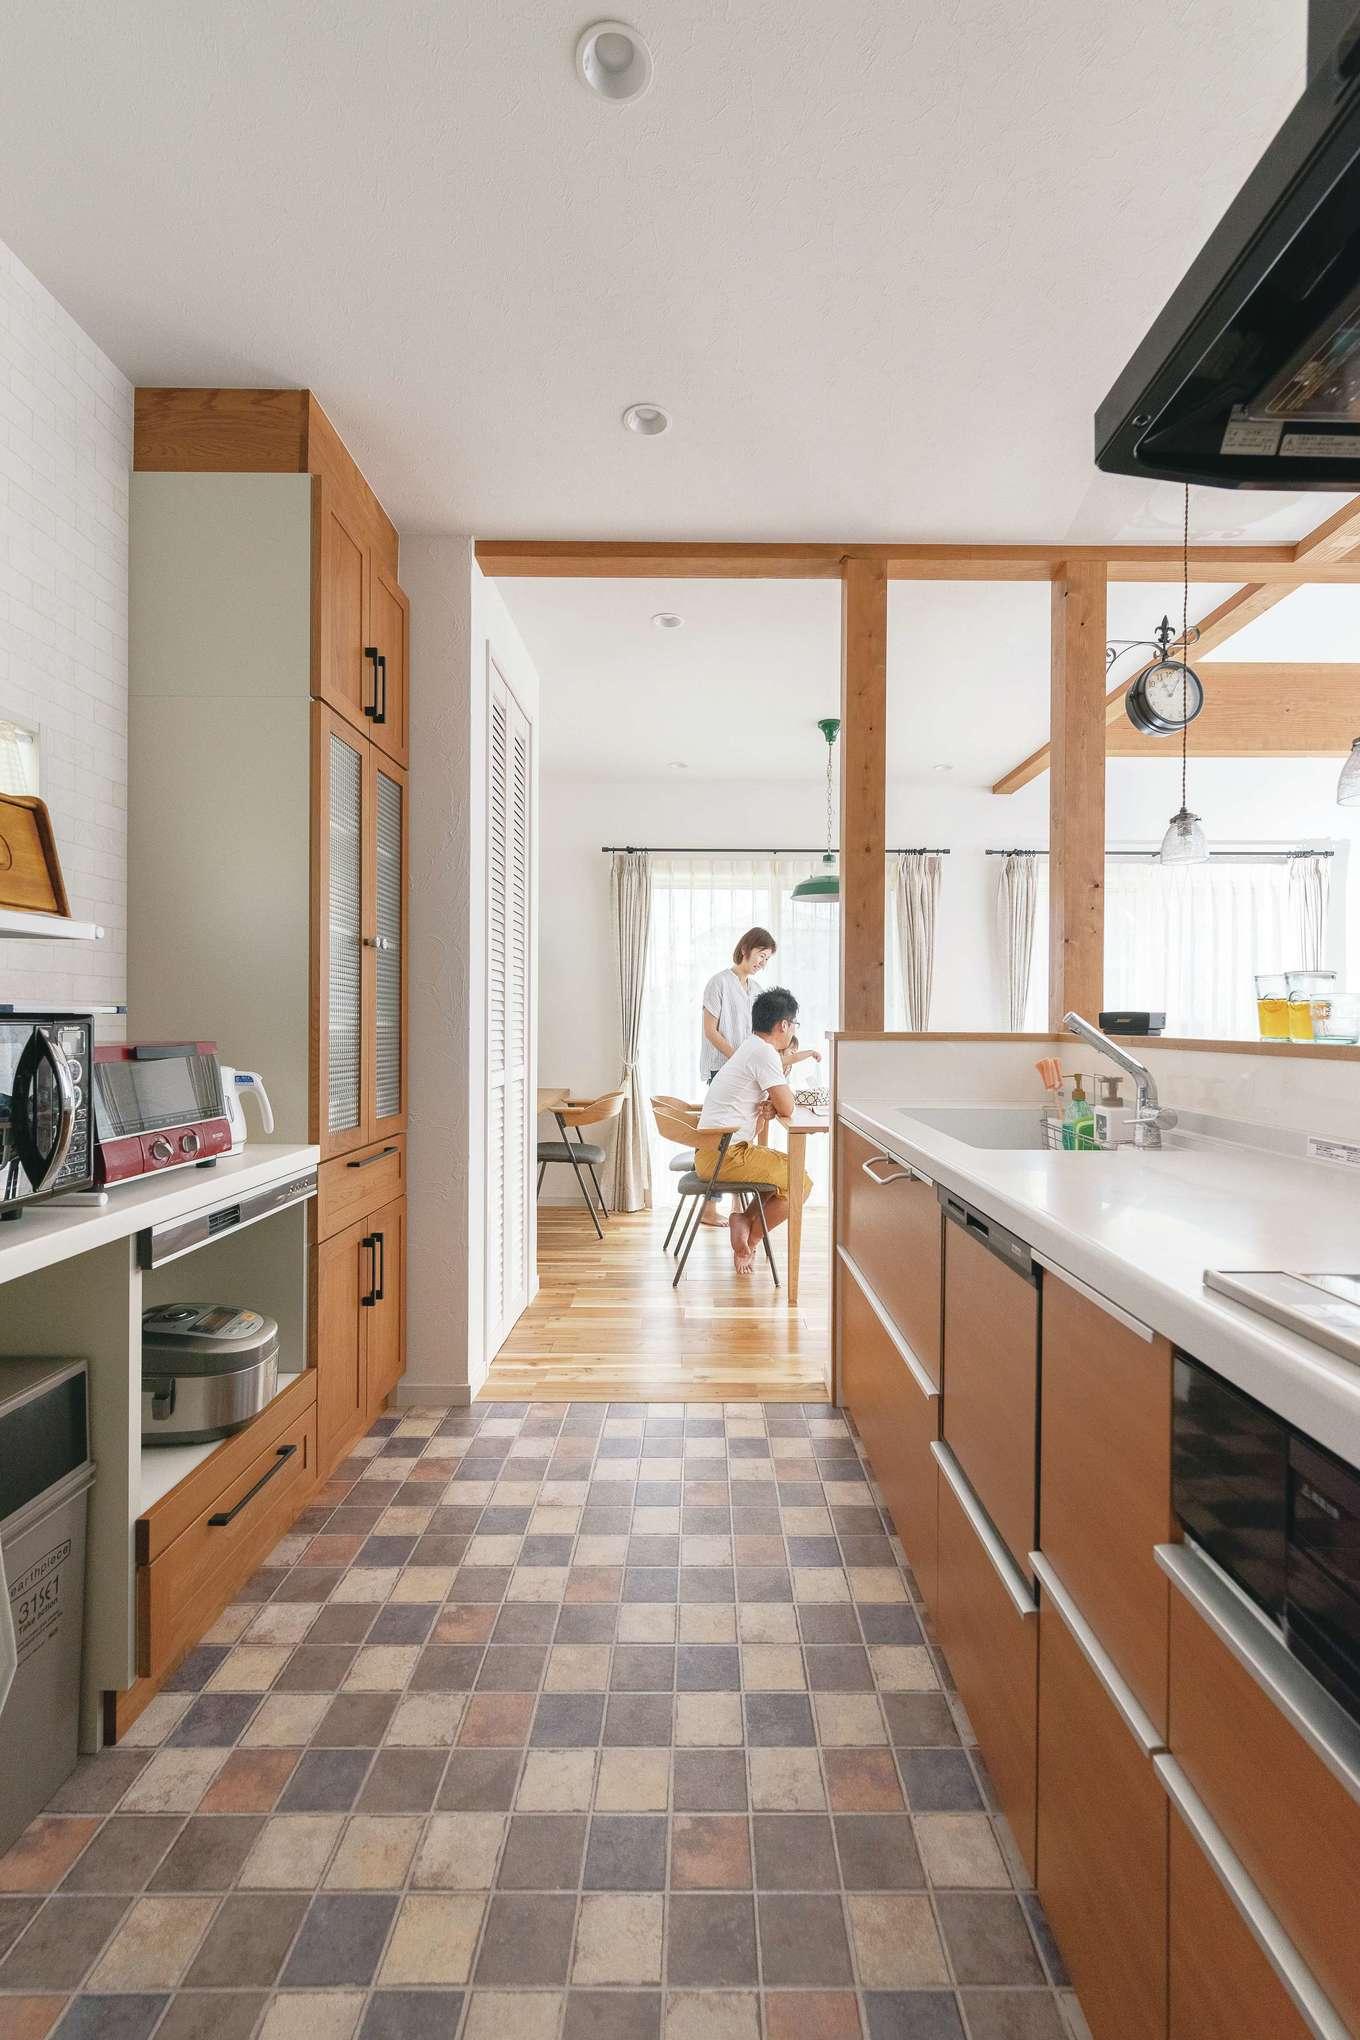 四季彩ひだまり工房 高田工務店【デザイン住宅、子育て、自然素材】キッチンの床にはアンティークタイル調のクッションフロアを採用。ナチュラルな空間の引き立て役に